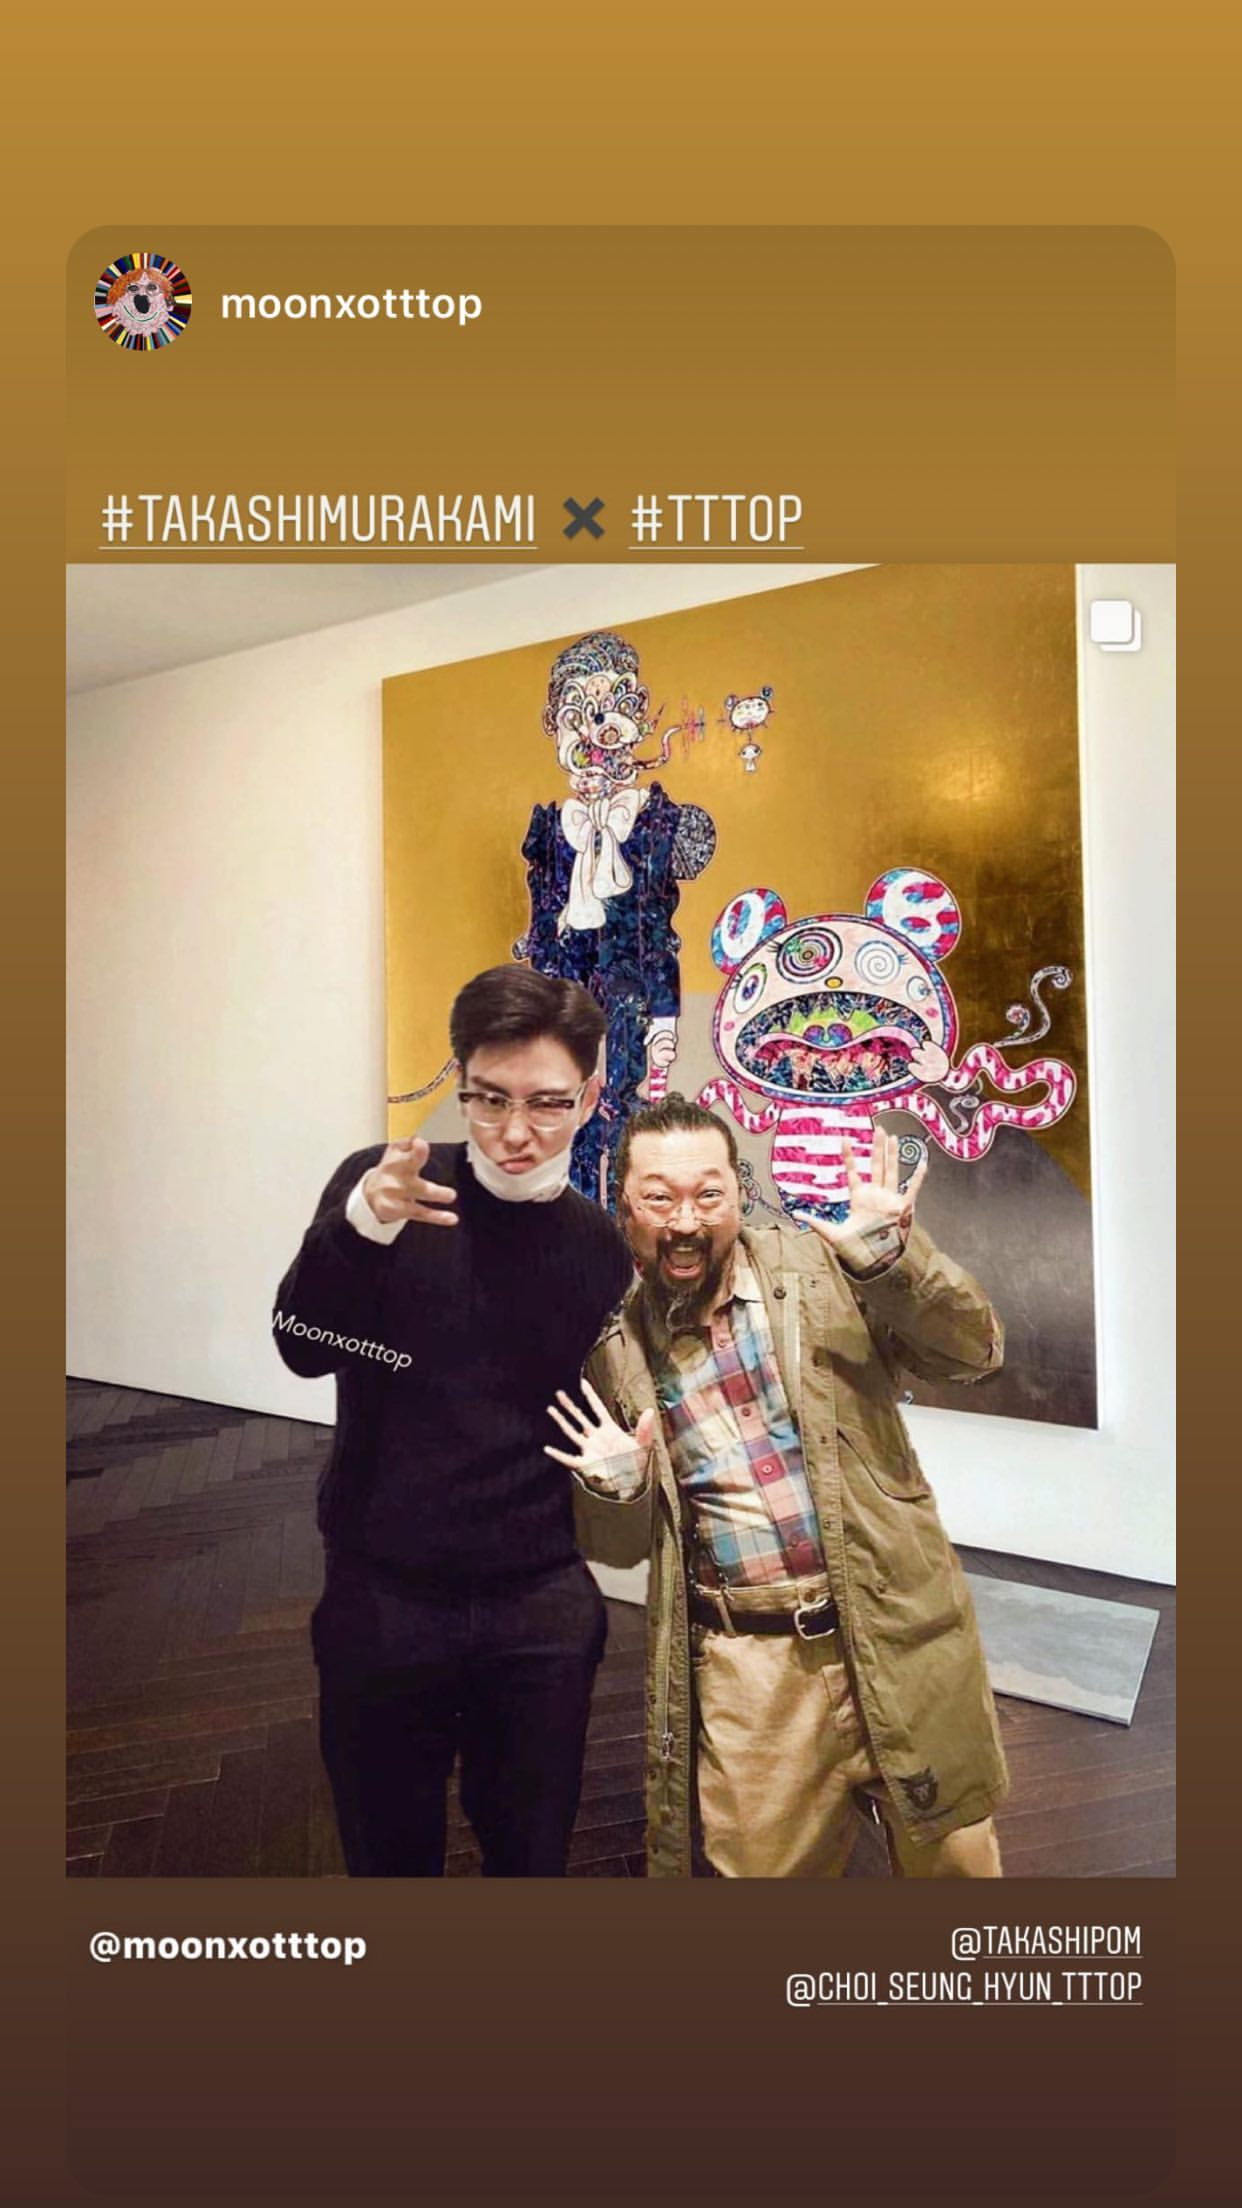 T.O.P Instagram Story 2020-05-19 21:09:26 KST